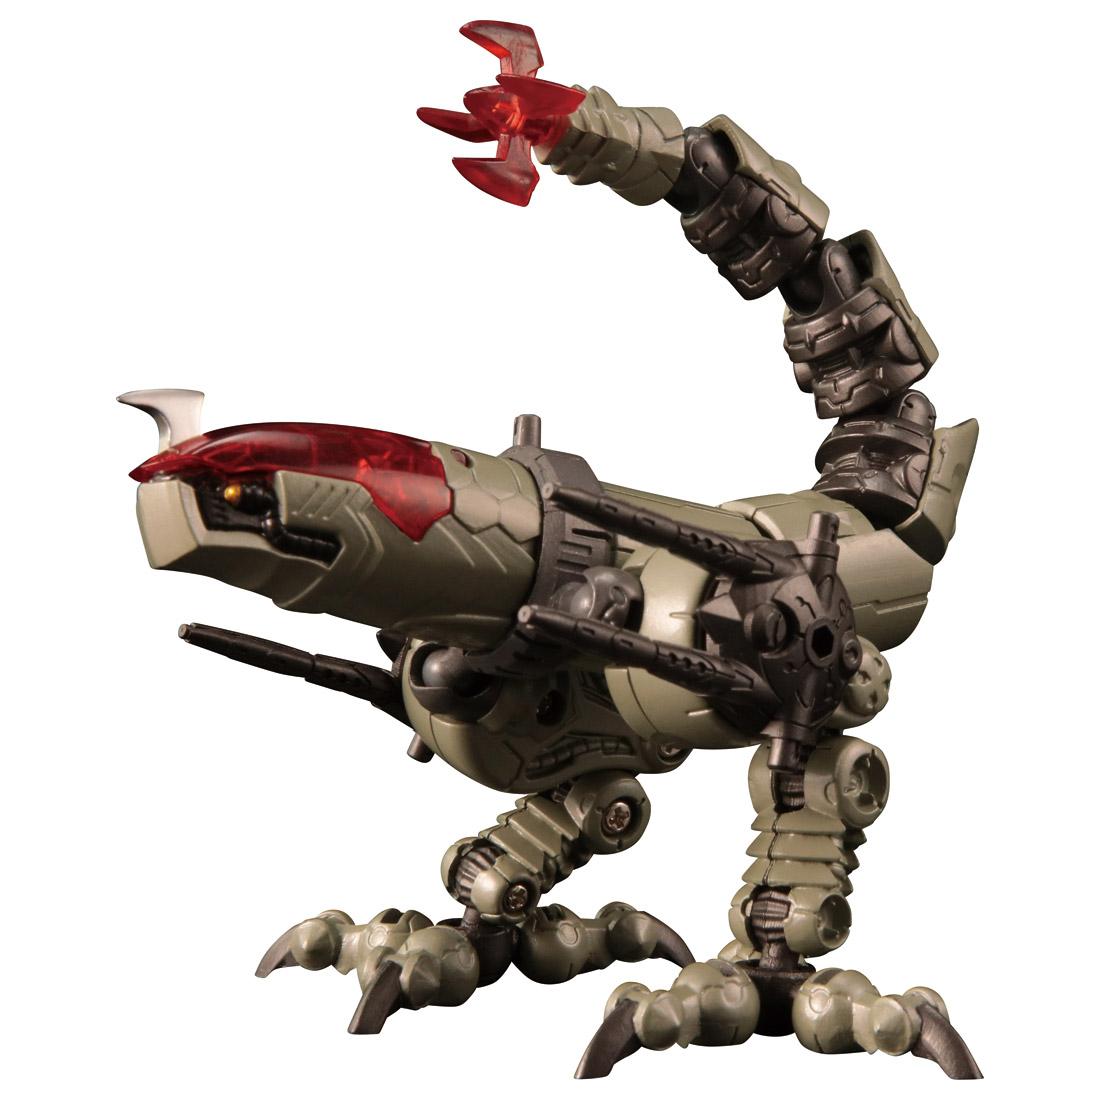 ダイアクロン『DA-31 ワルダレイダー ラプトヘッド』可動フィギュア-003